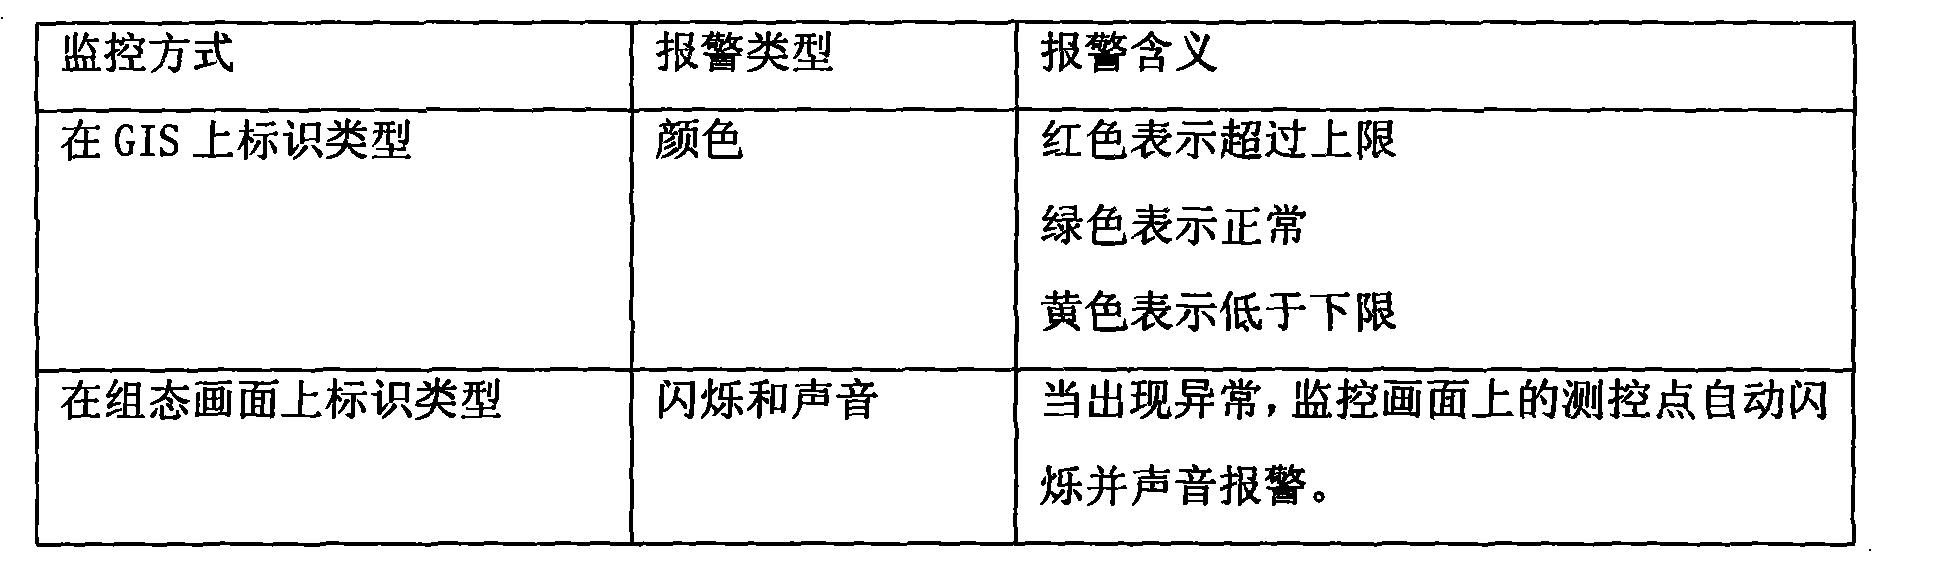 Figure CN103489053AC00041